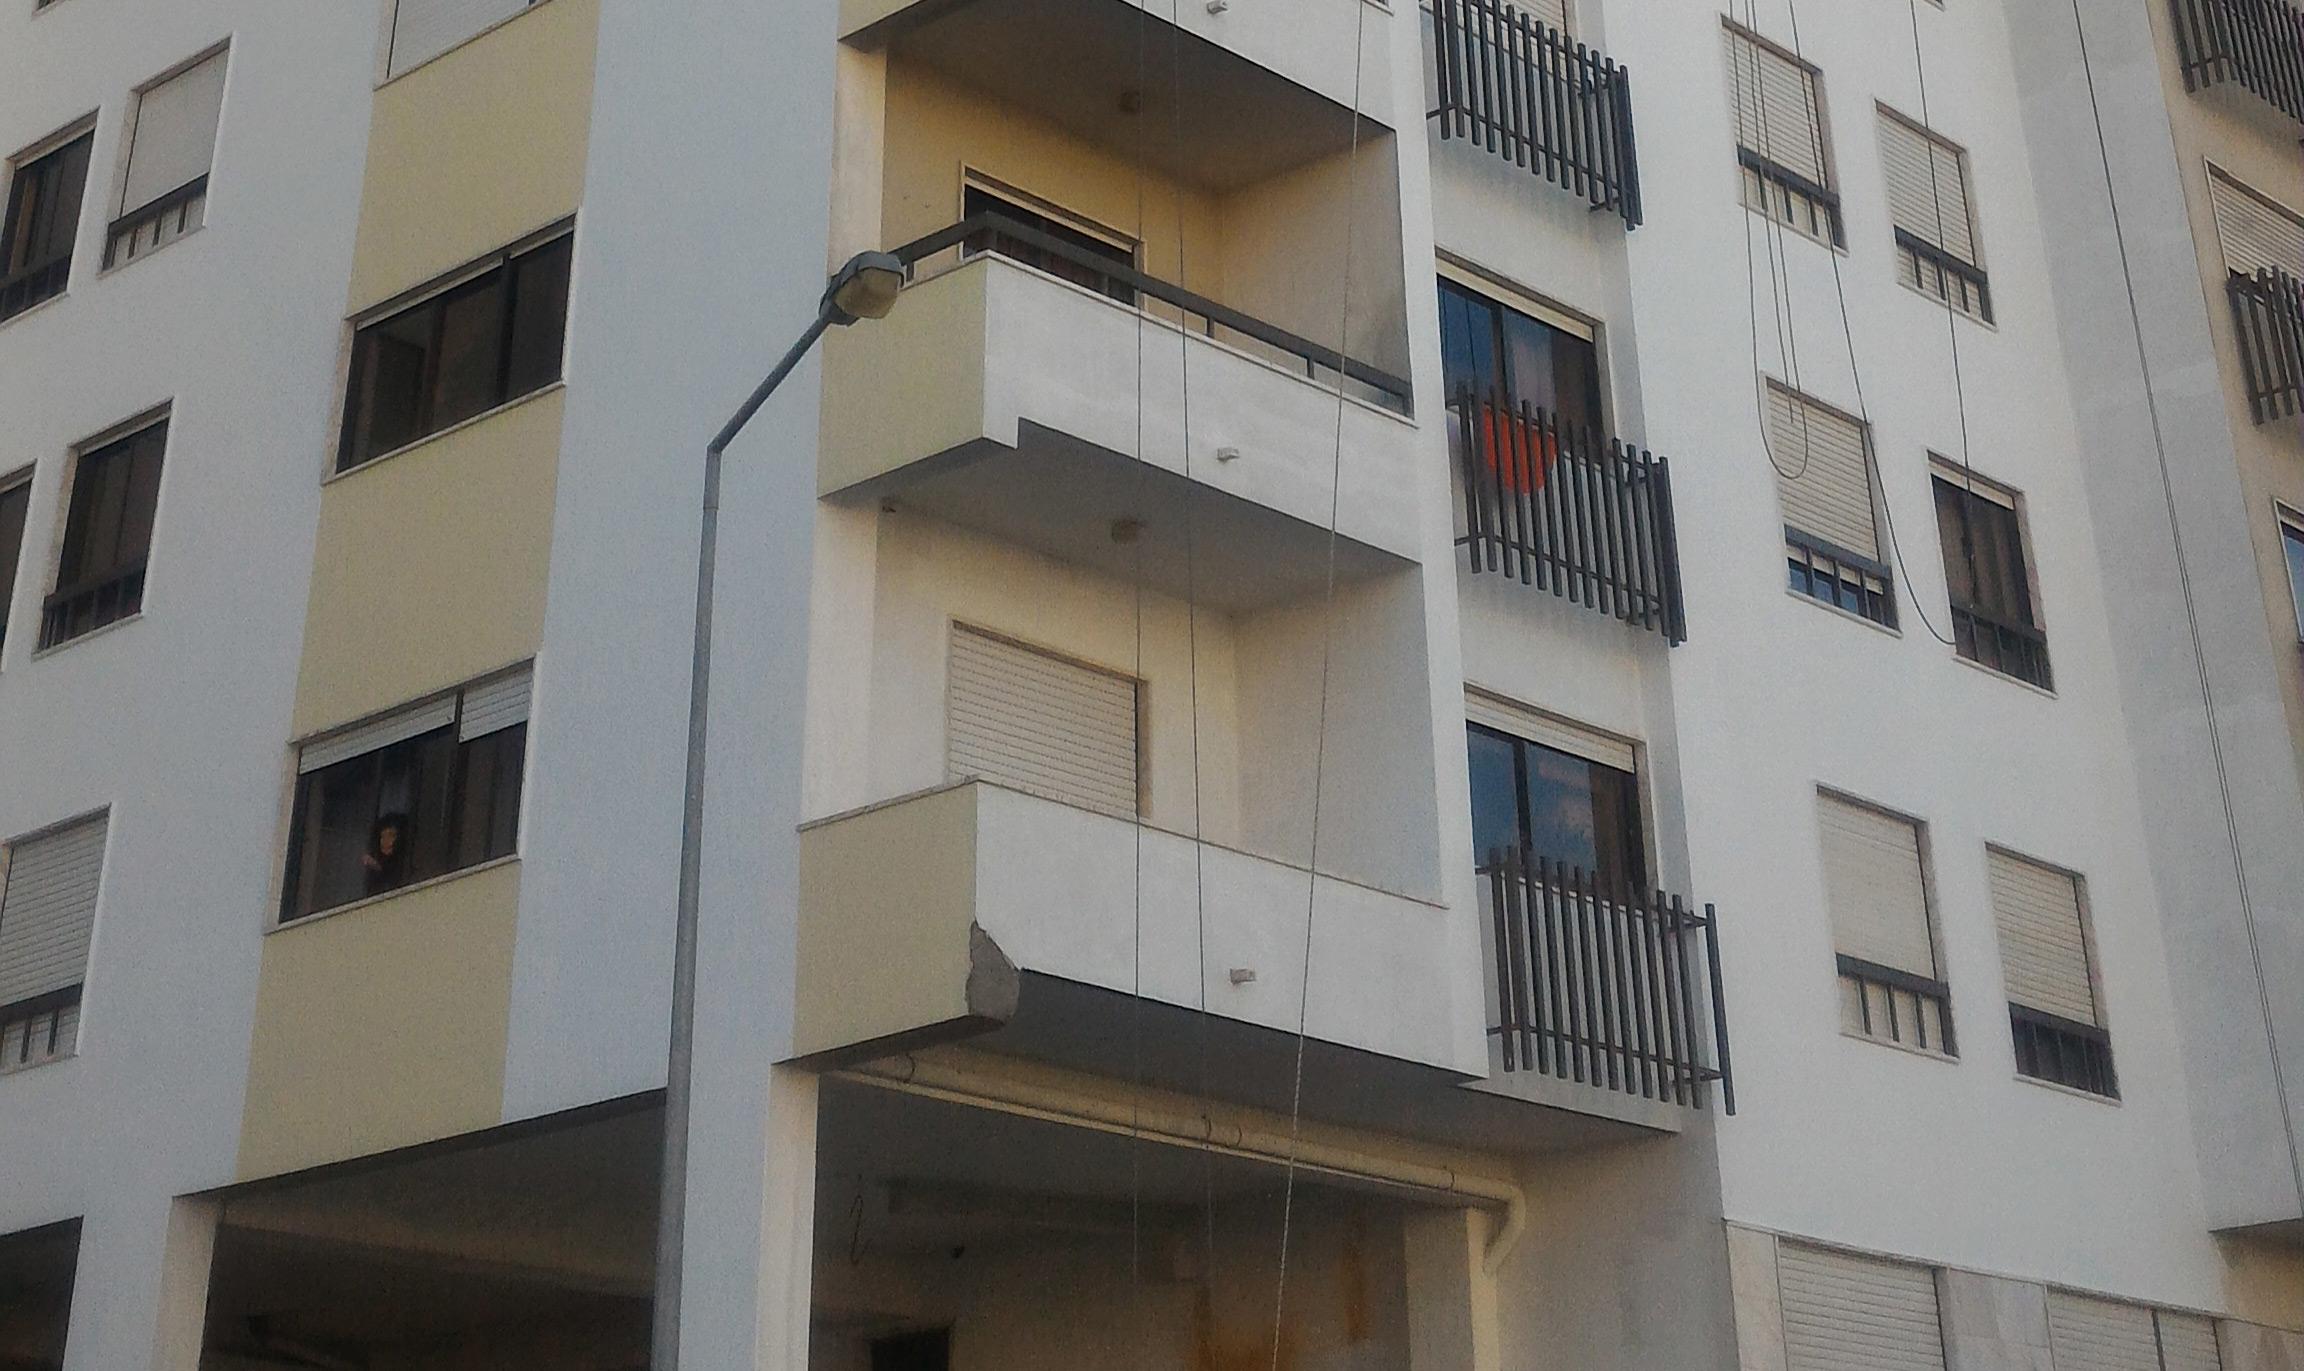 Reabilitação de fachadas de prédios Odivelas